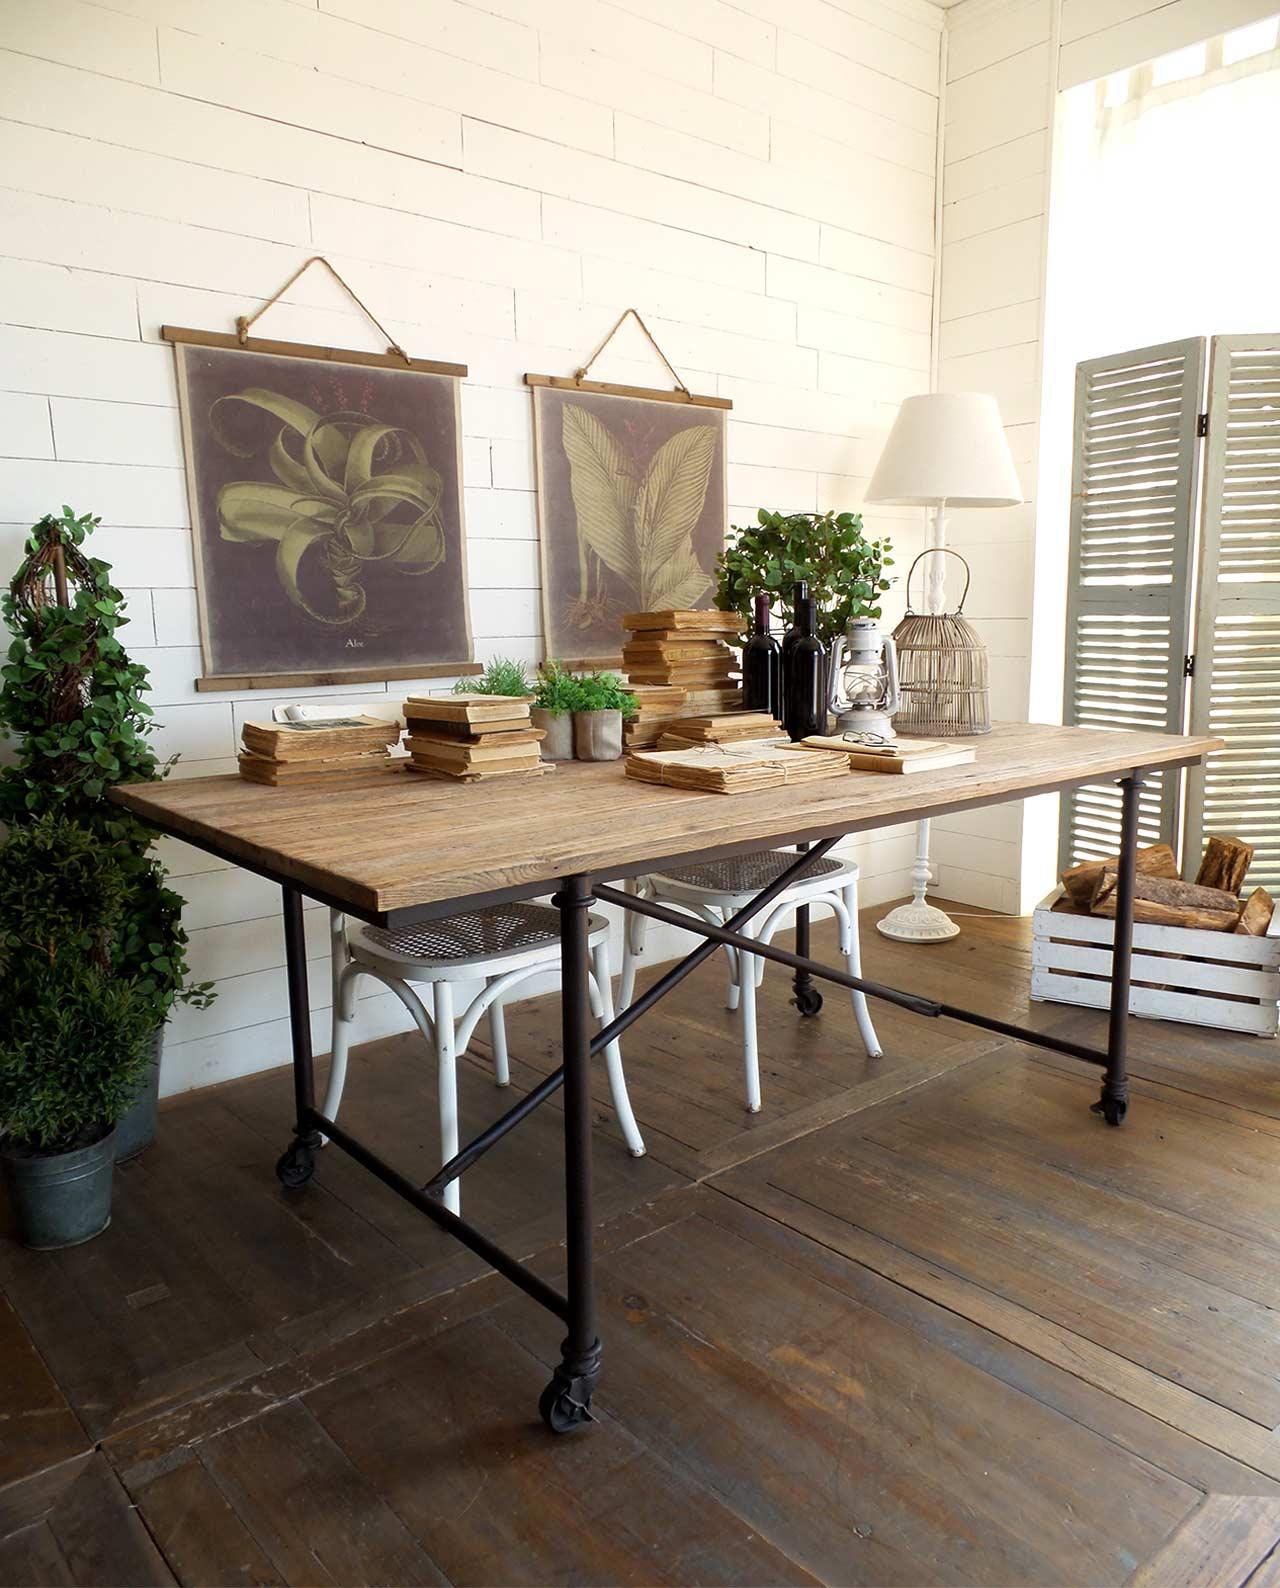 Tavolo industrial ferro battuto e legno con ruote mobilia store home favours - Tavolo legno e ferro ...